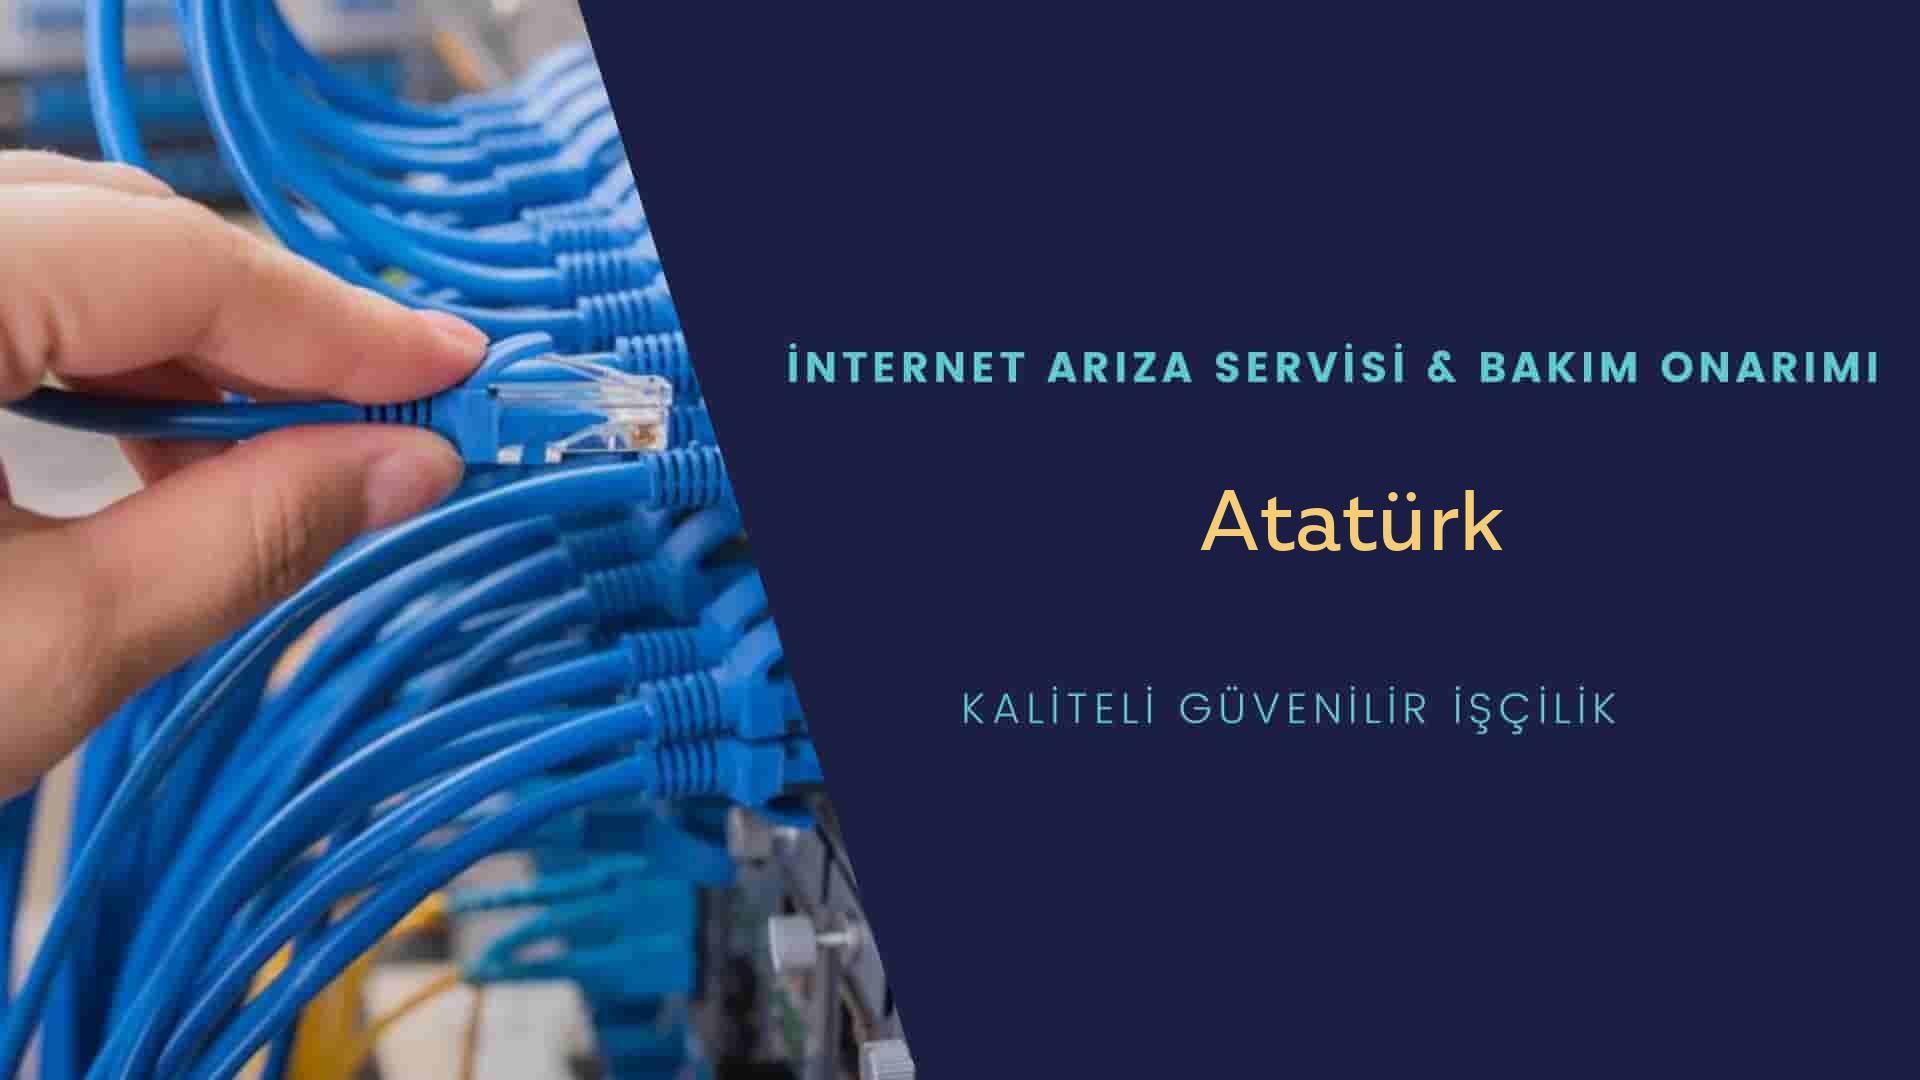 Atatürk  internet kablosu çekimi yapan yerler veya elektrikçiler mi? arıyorsunuz doğru yerdesiniz o zaman sizlere 7/24 yardımcı olacak profesyonel ustalarımız bir telefon kadar yakındır size.